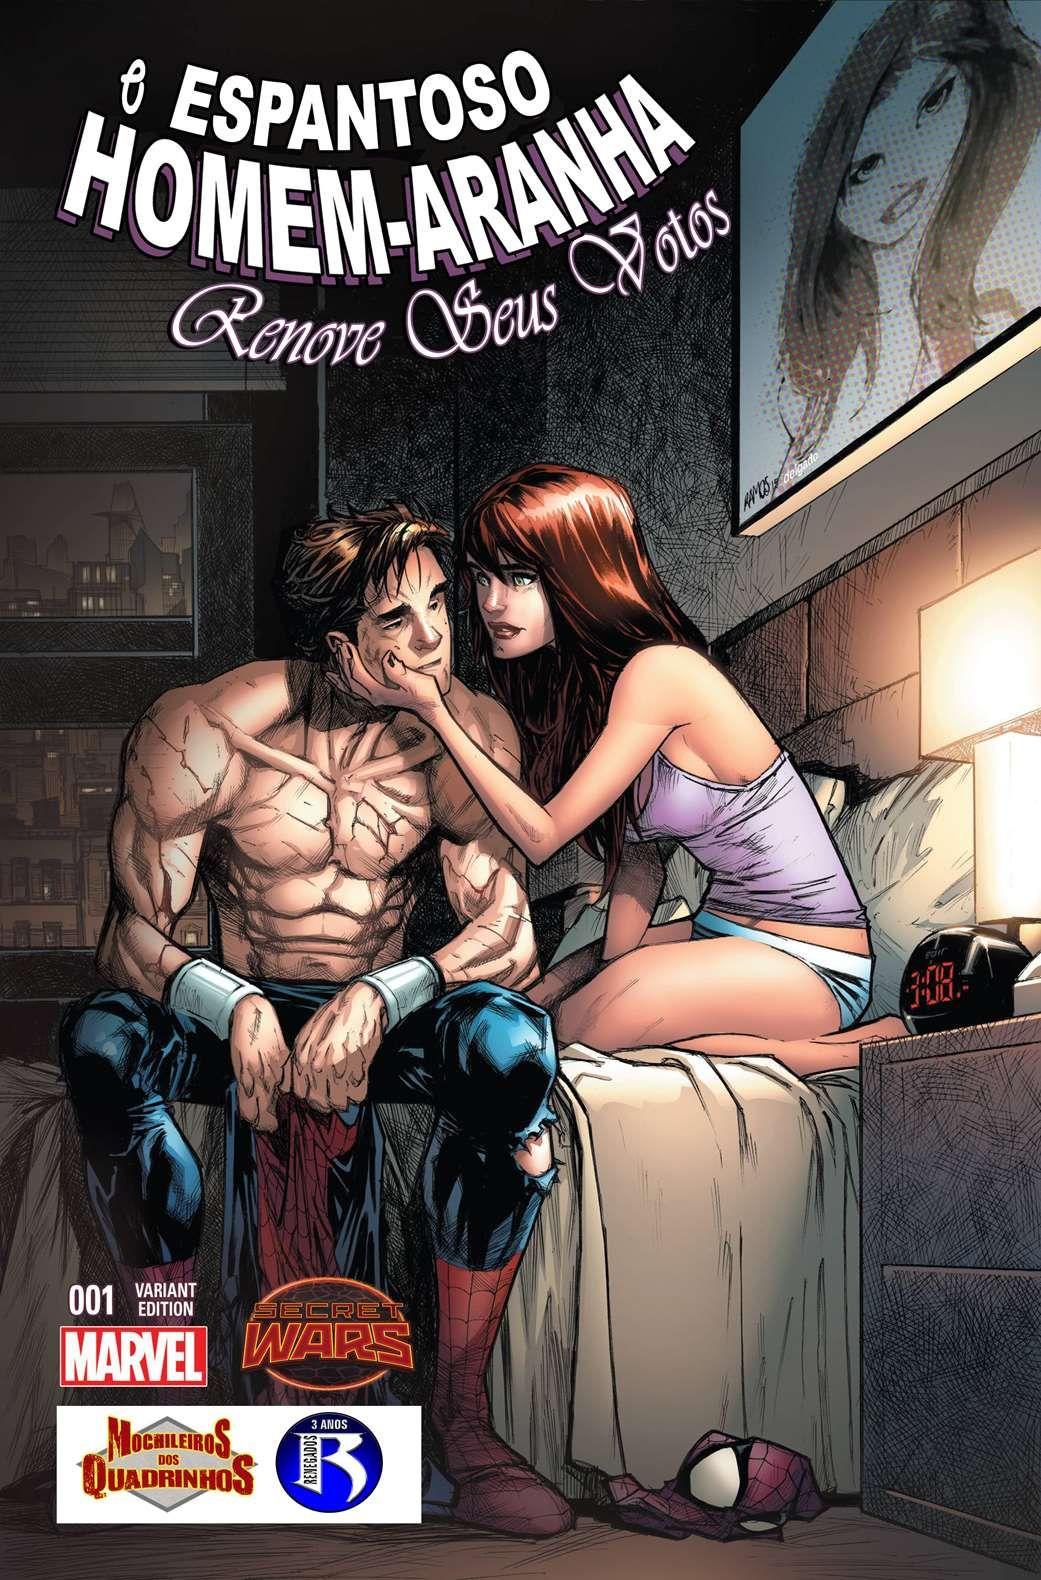 Hqs do homem aranha online dating